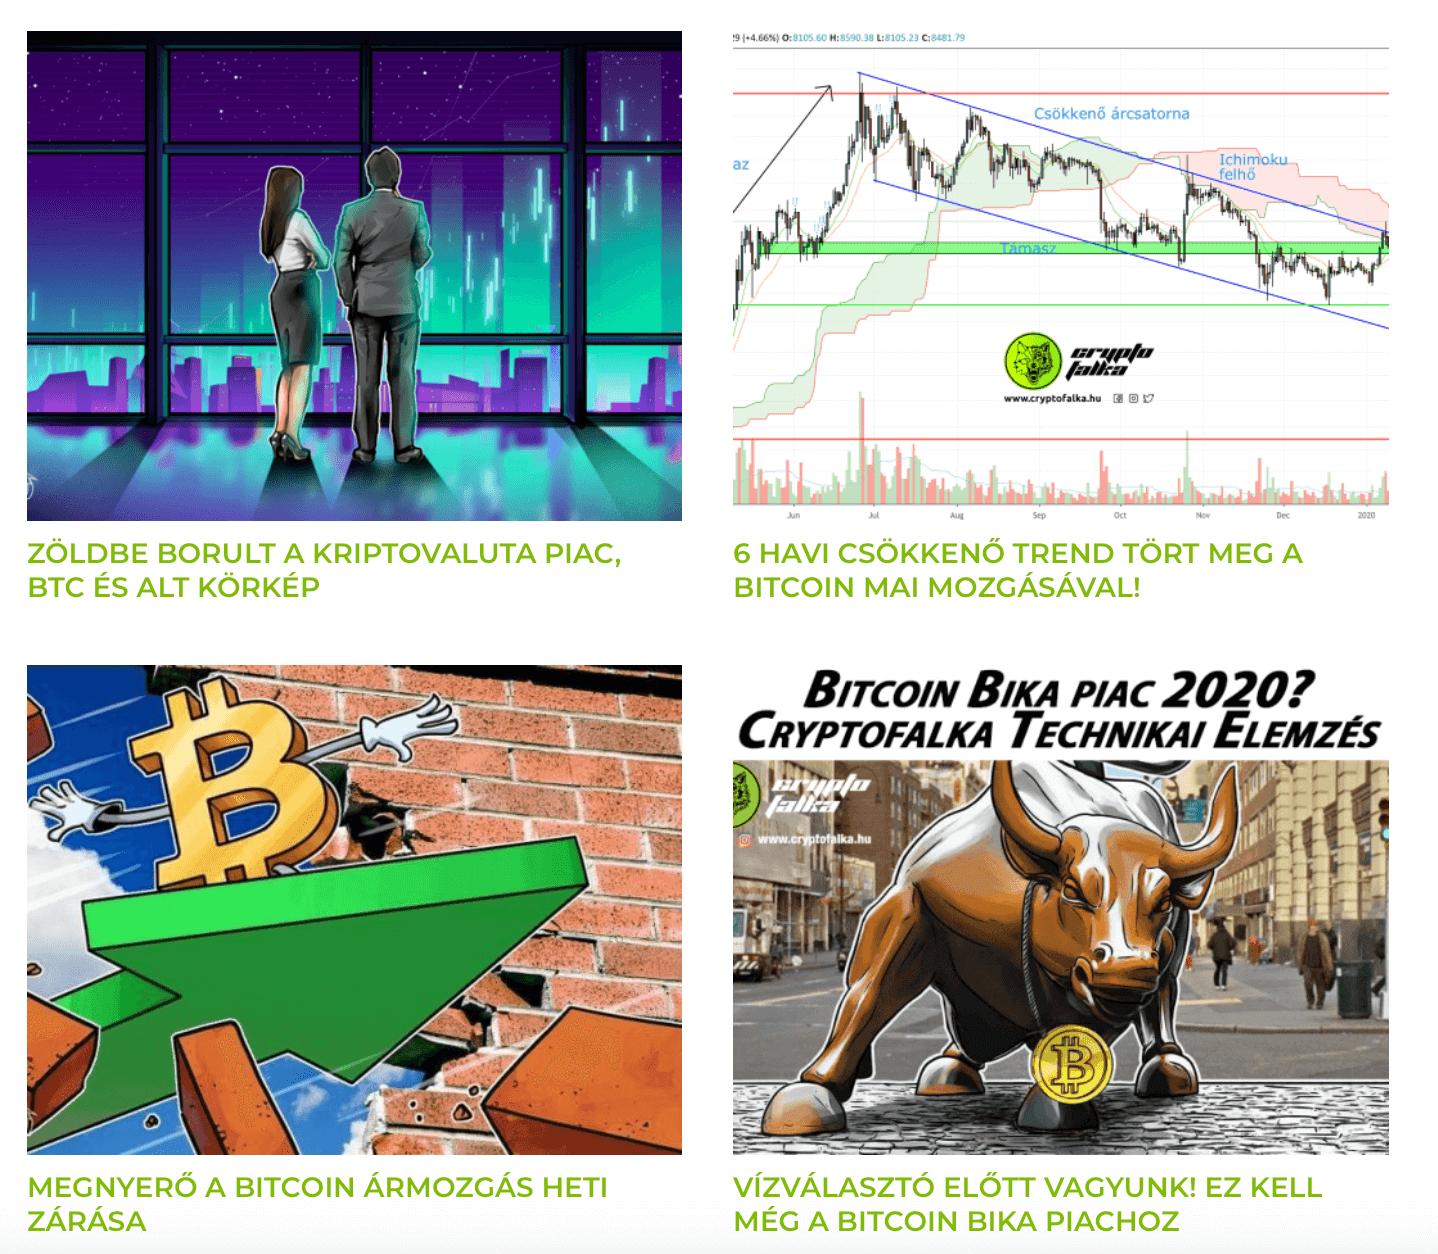 Bitcoin ár és technikai elemzés cryptofalka